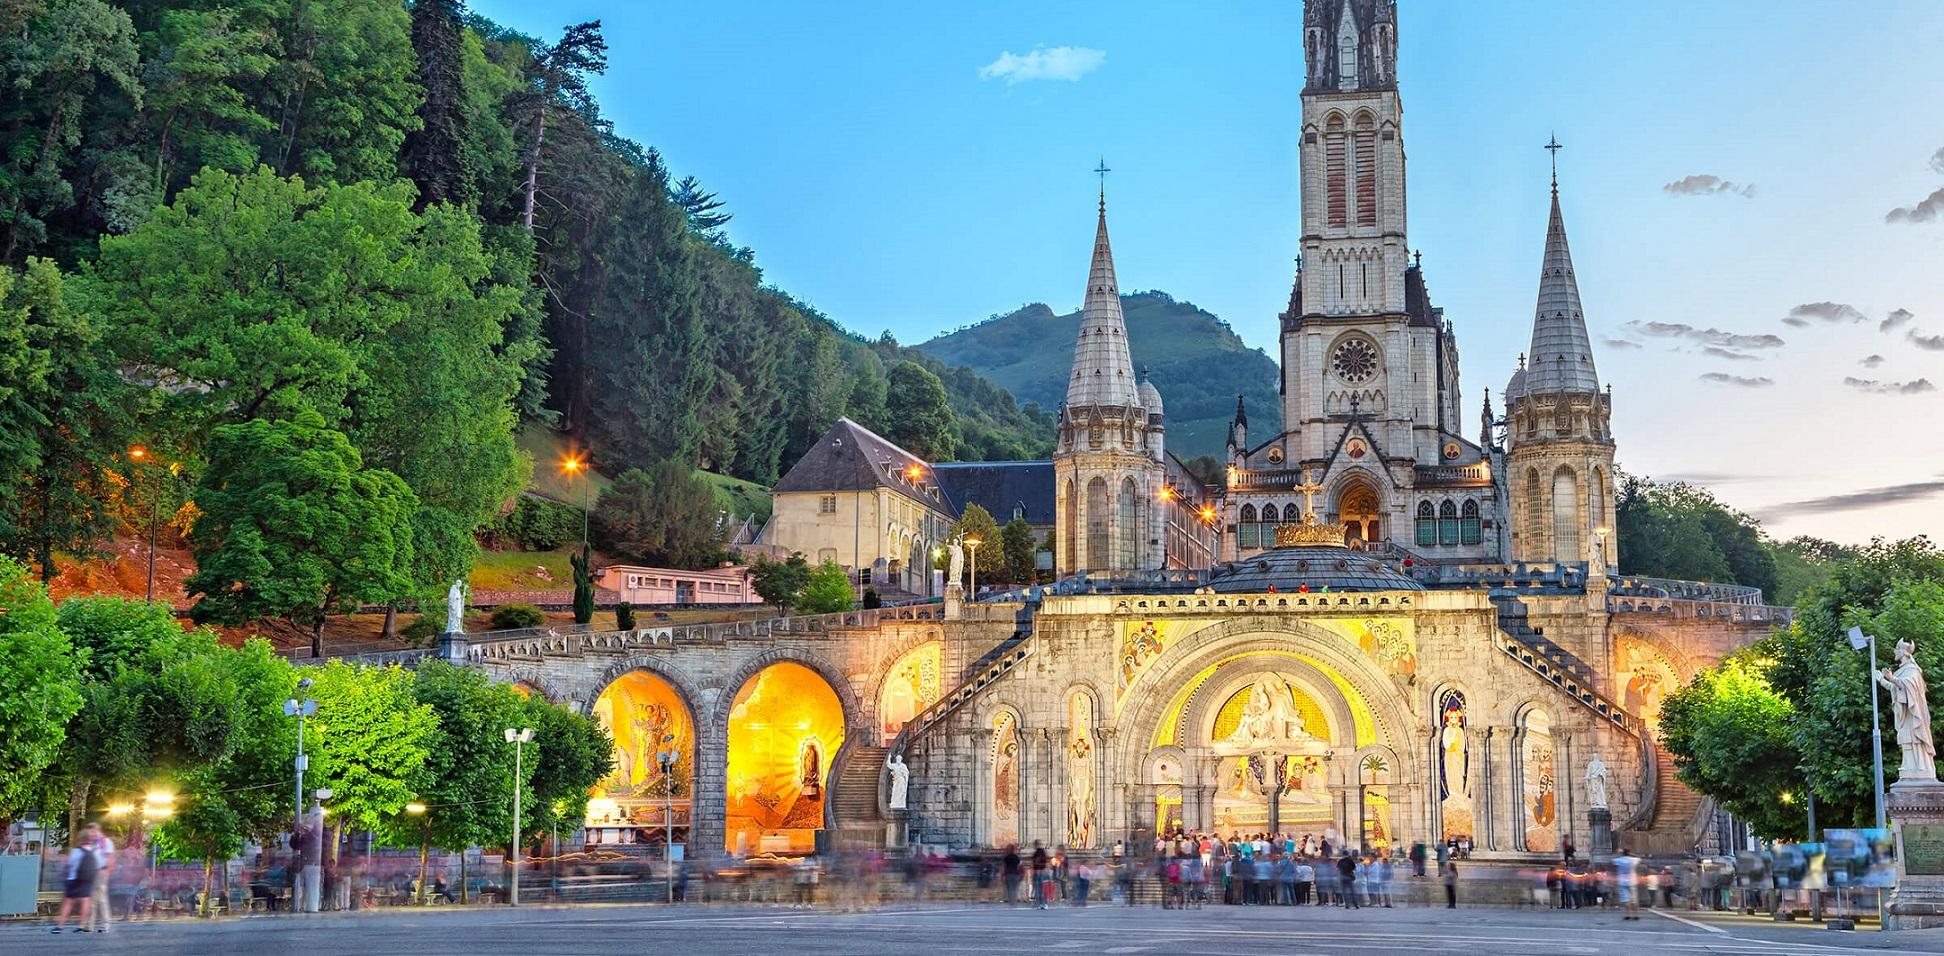 Voyage à Lourdes